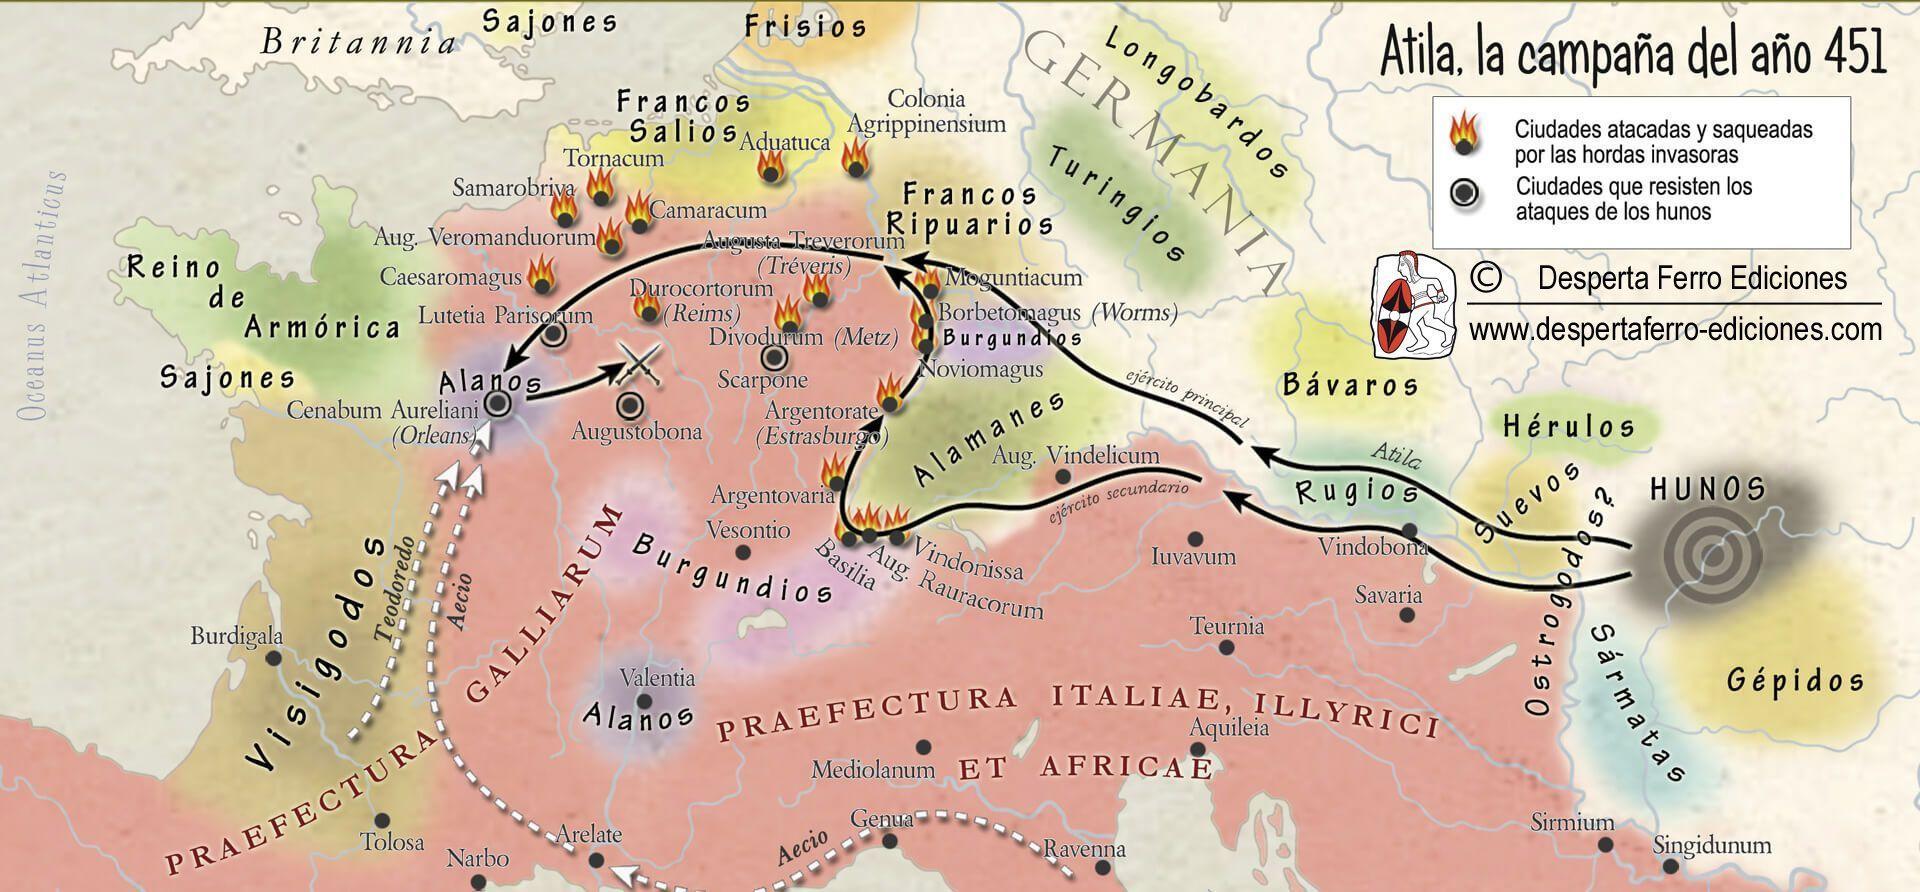 Batalla de Chalons (Campos Catalaúnicos) 451